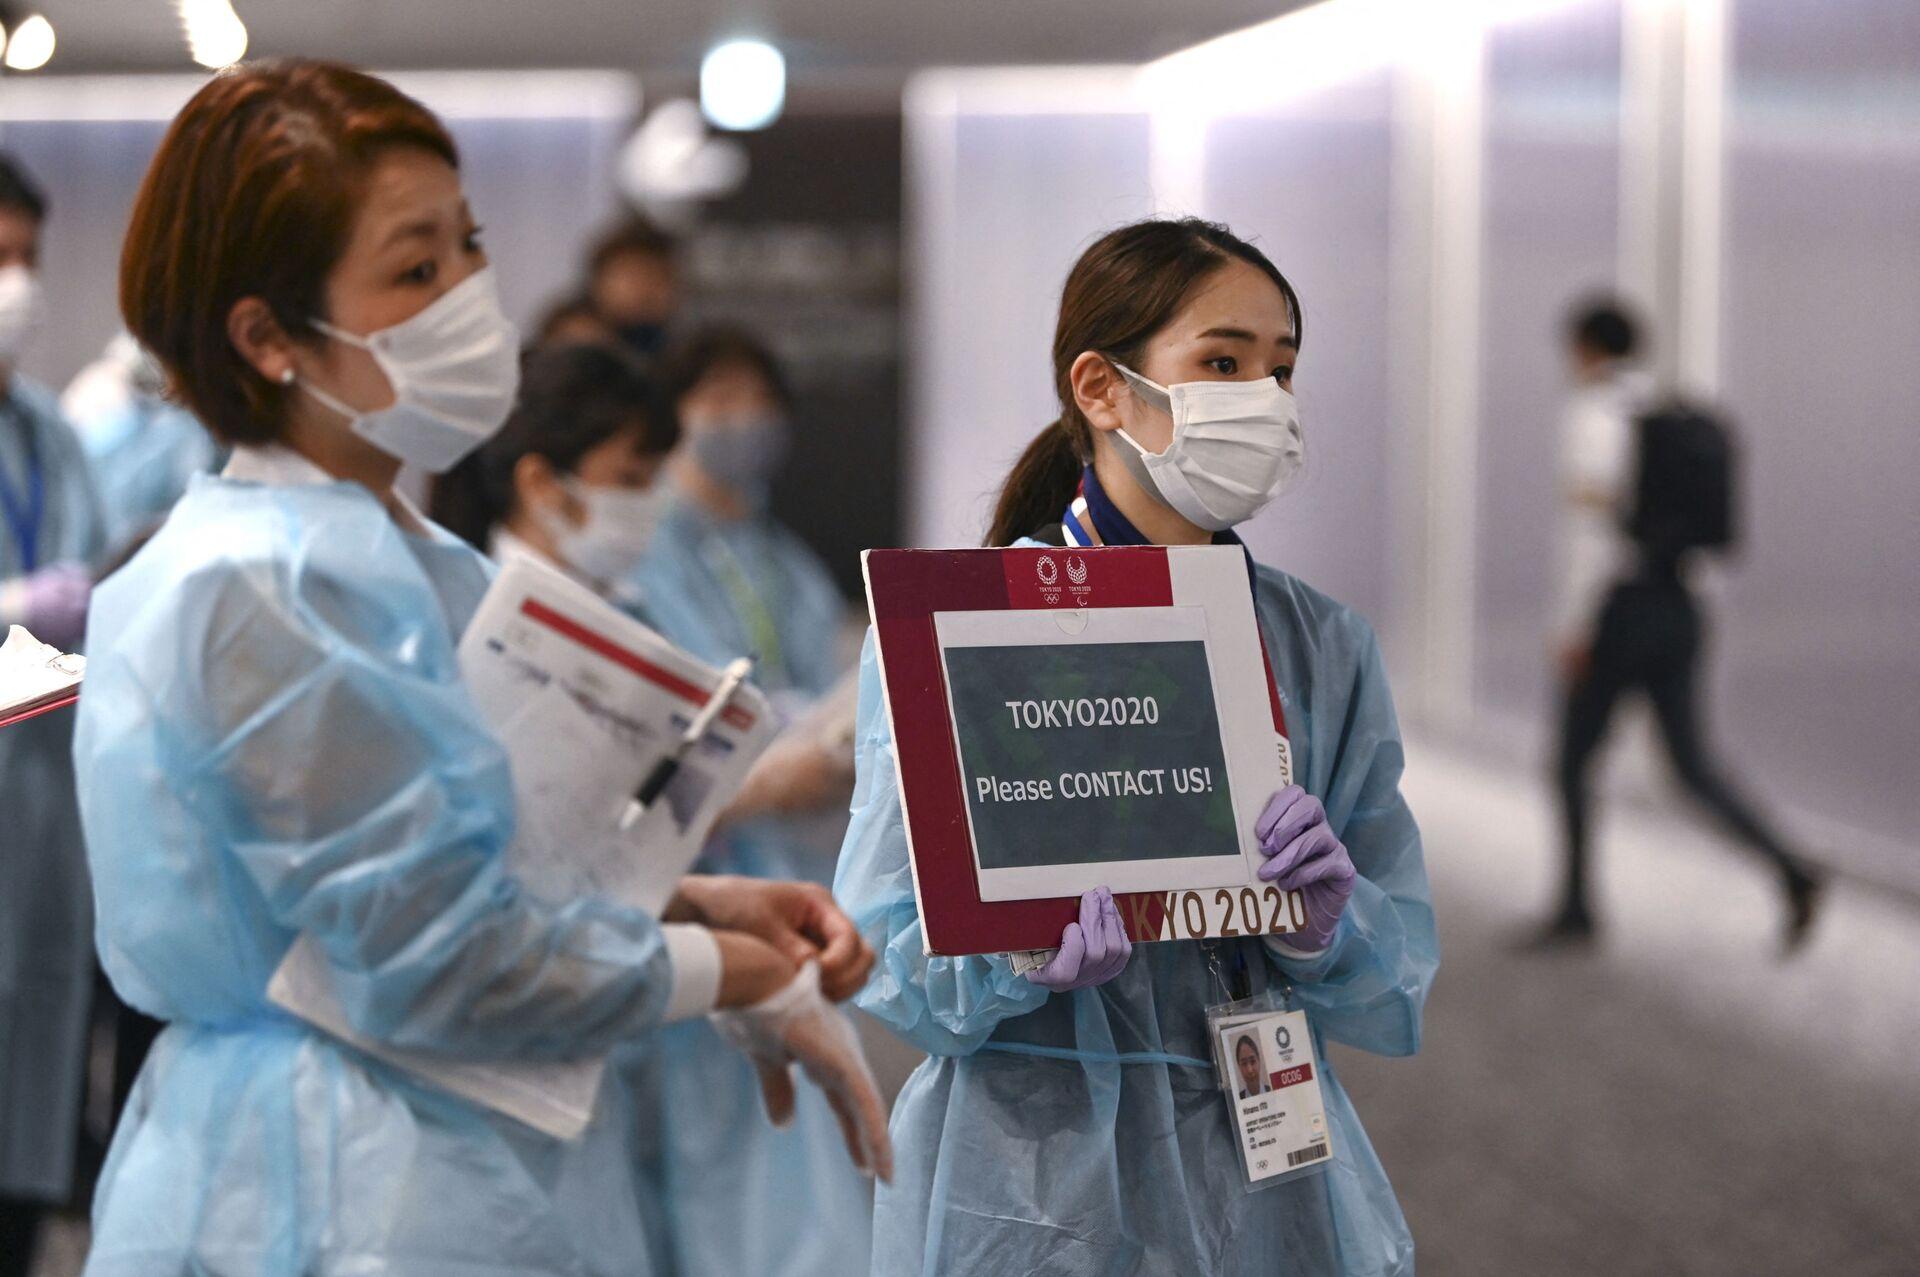 Hai ngày trước khi khai mạc Thế vận hội Tokyo, phát hiện số lượng ca nhiễm COVID-19 tối đa trong 6 tháng - Sputnik Việt Nam, 1920, 21.07.2021